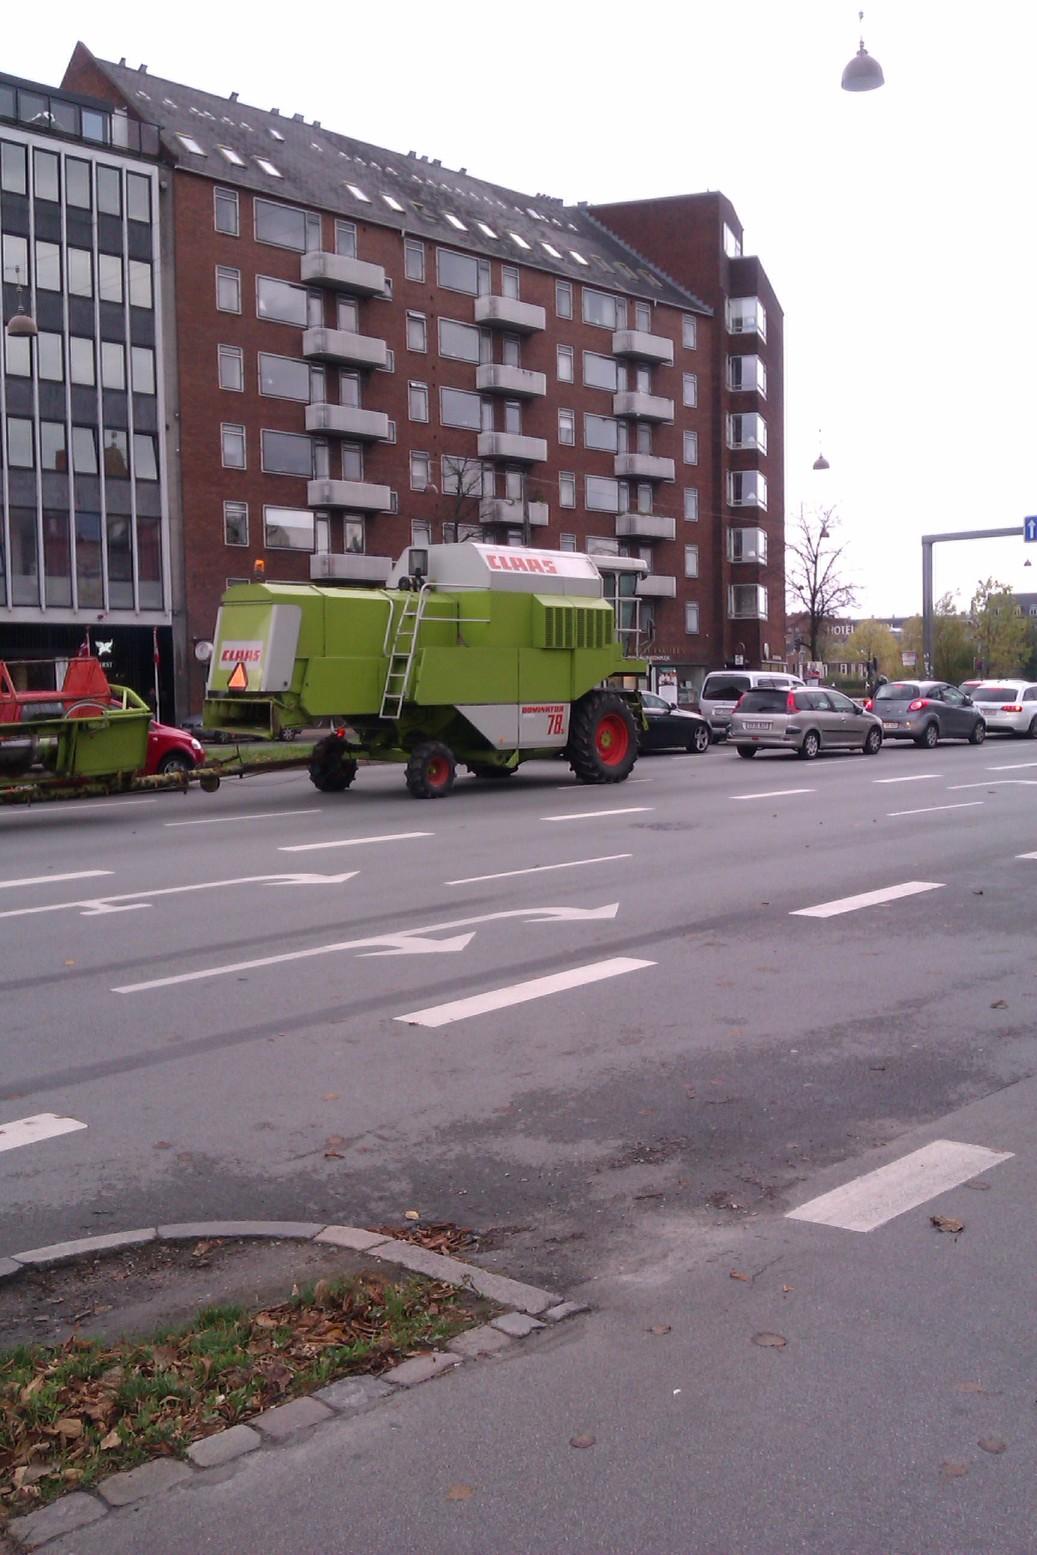 Indre København.... øh?